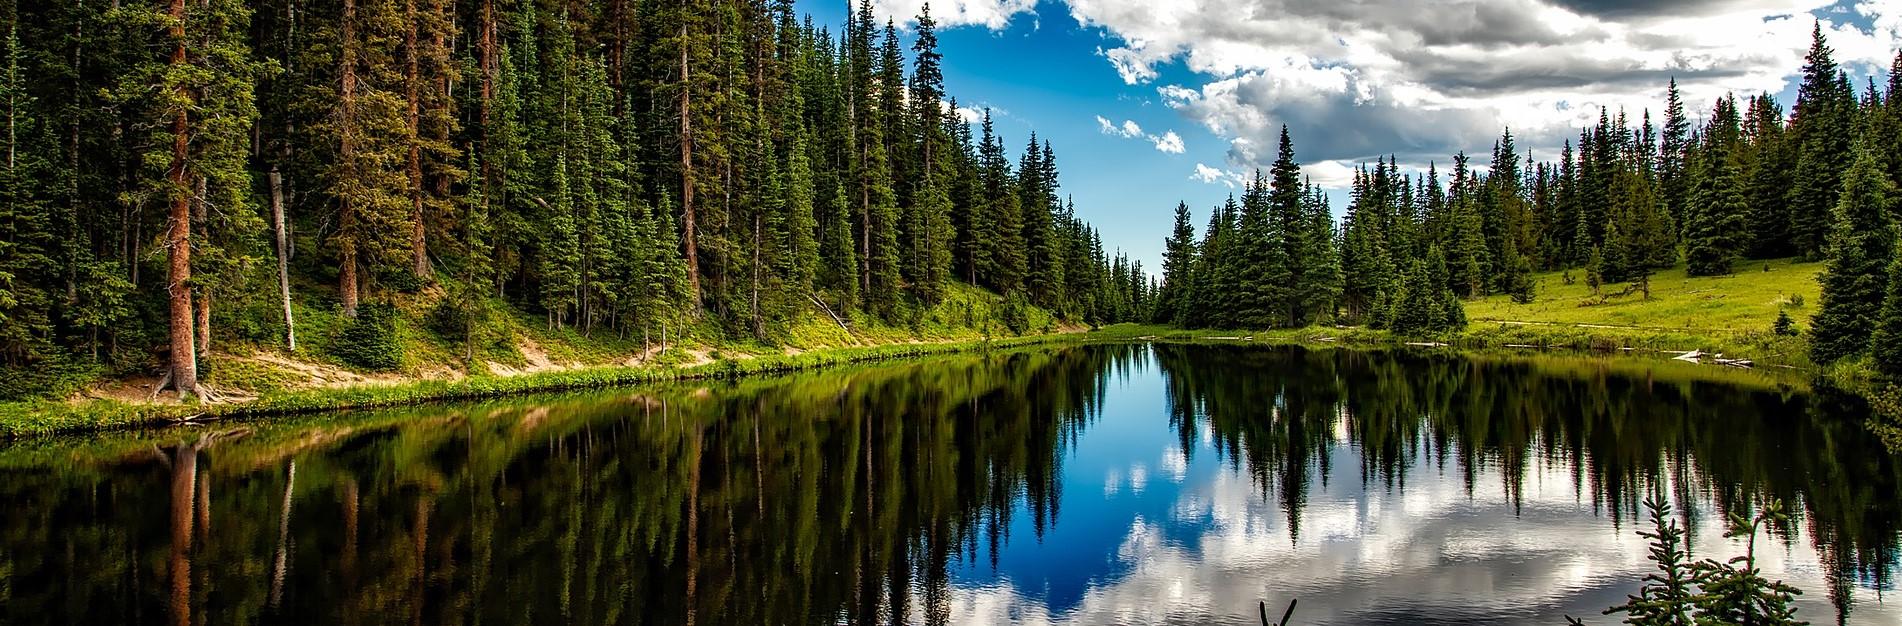 lake irene 1679708 1920